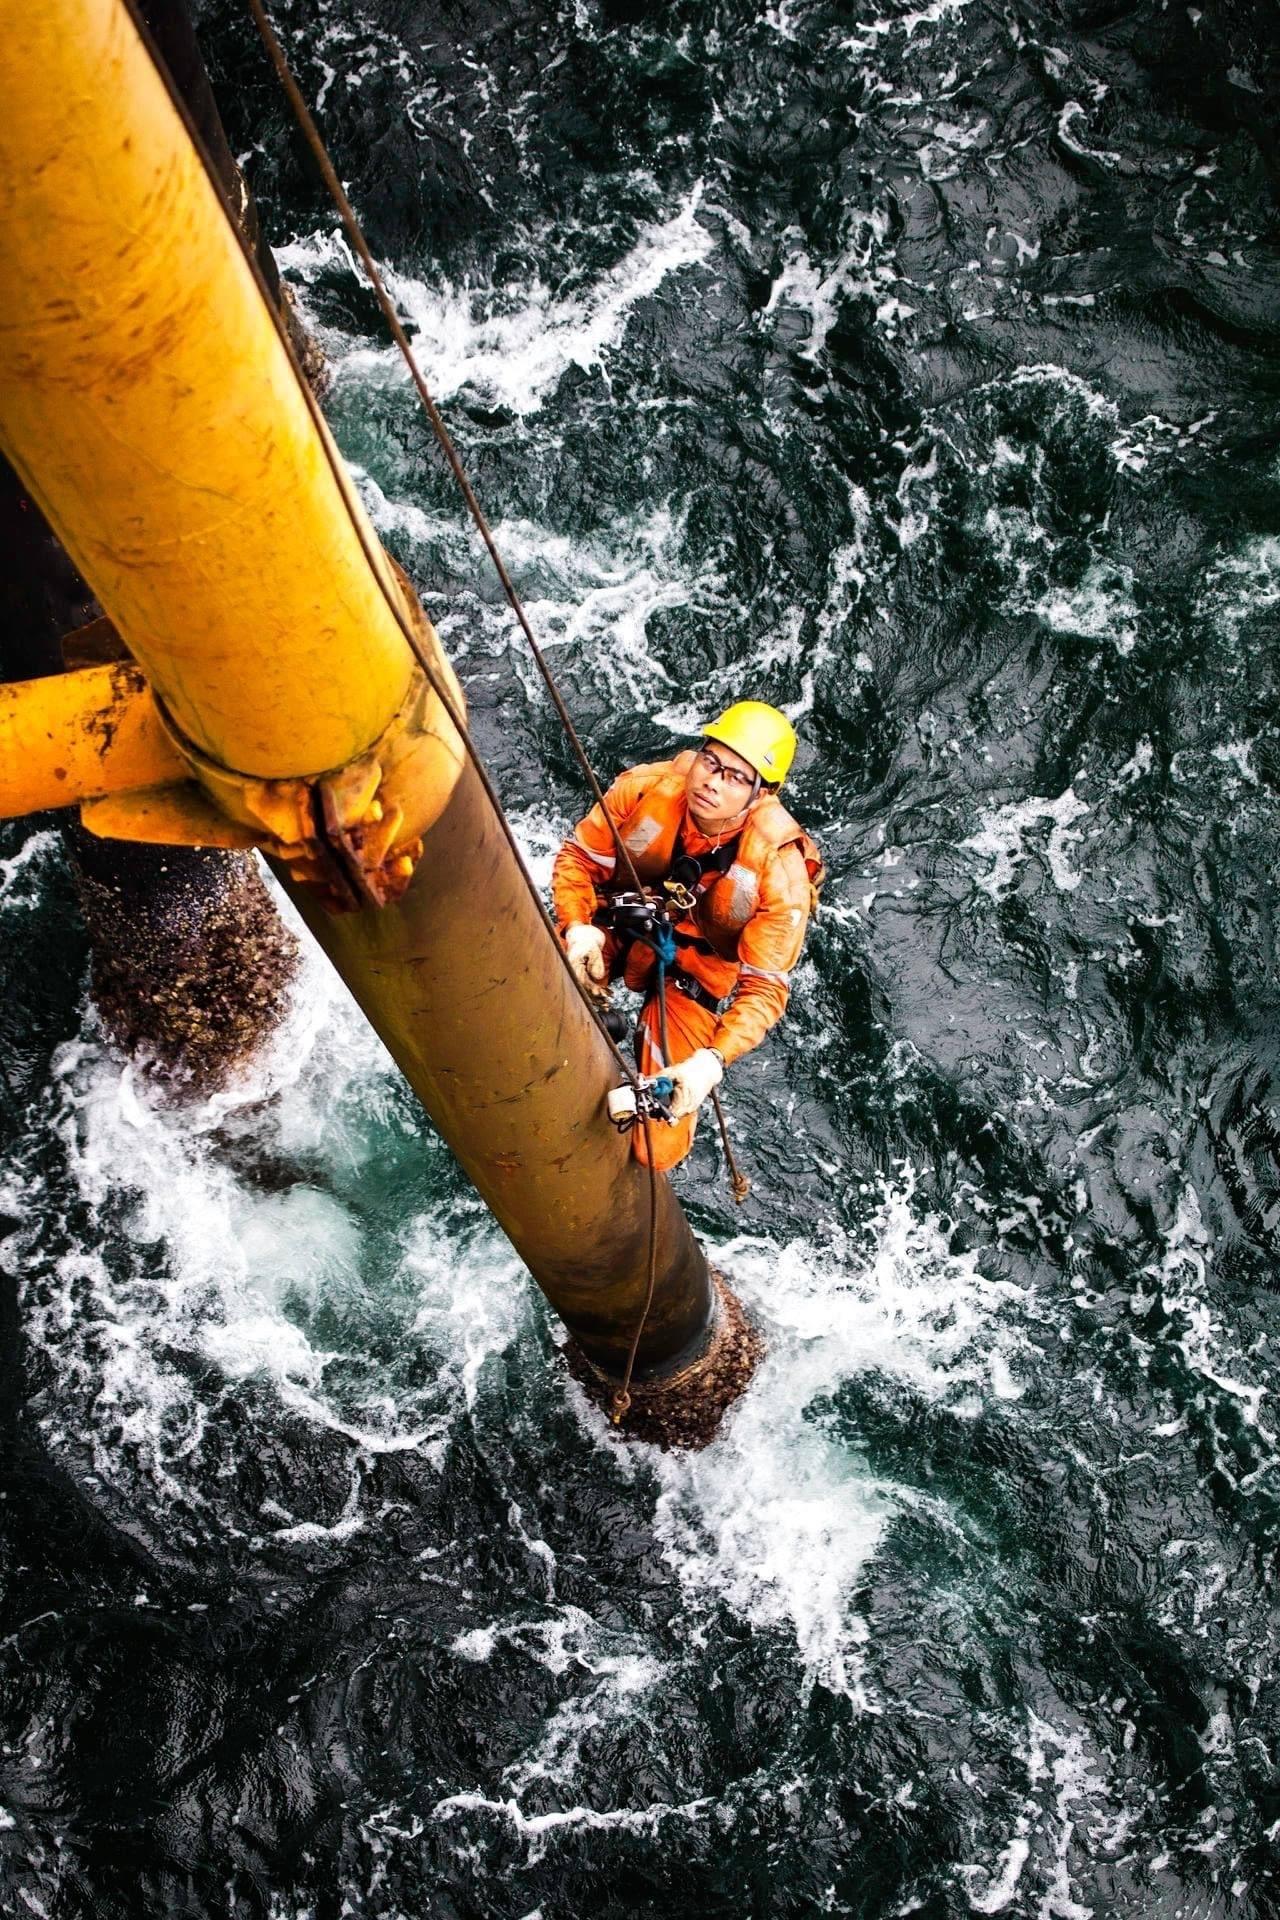 Dự báo giá dầu: tiếp tục đi xuống trong các giao dịch tương lai